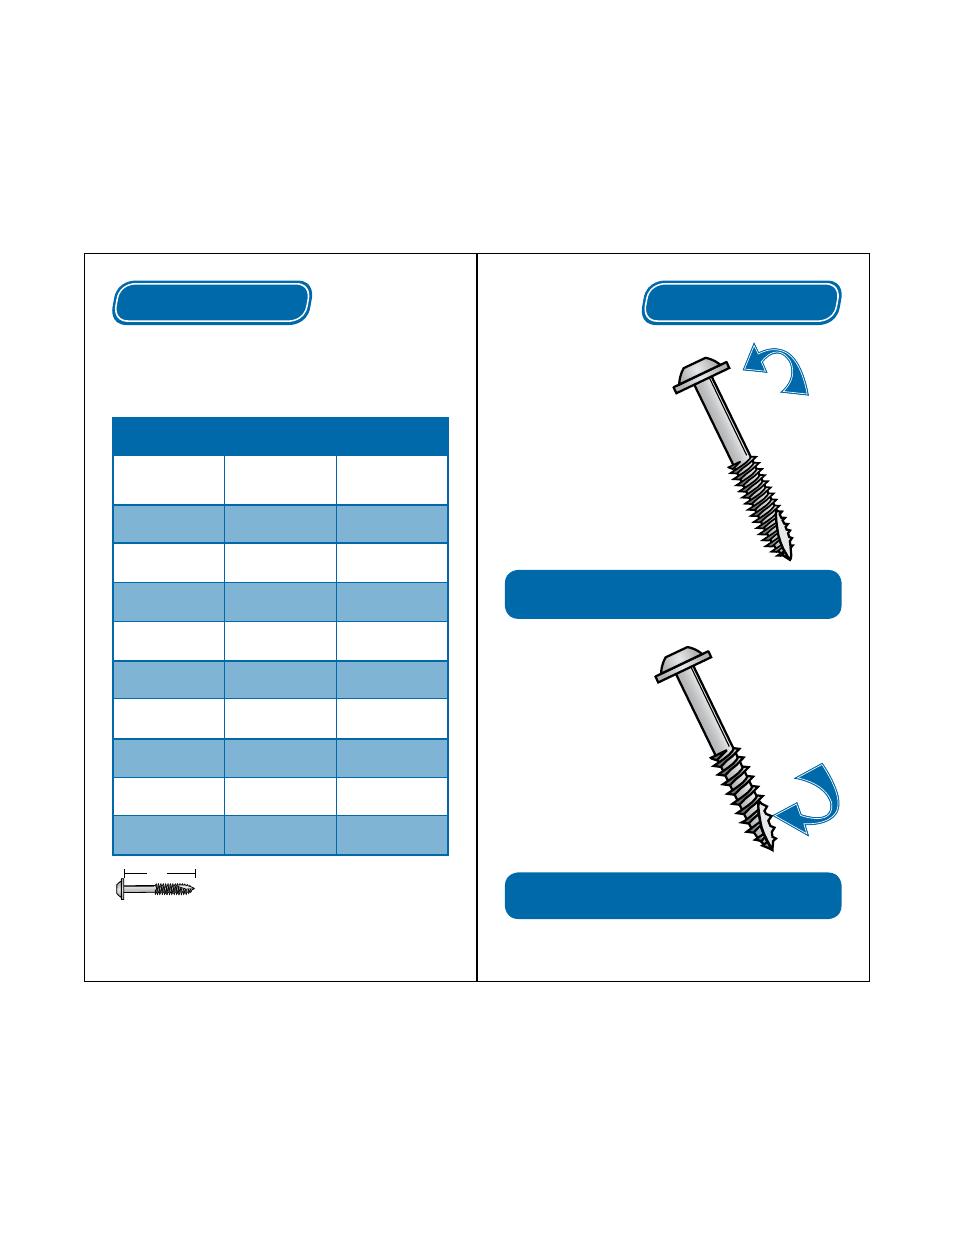 Fine thread, Coarse thread, Choosing a screw | Kreg Jig R3 User